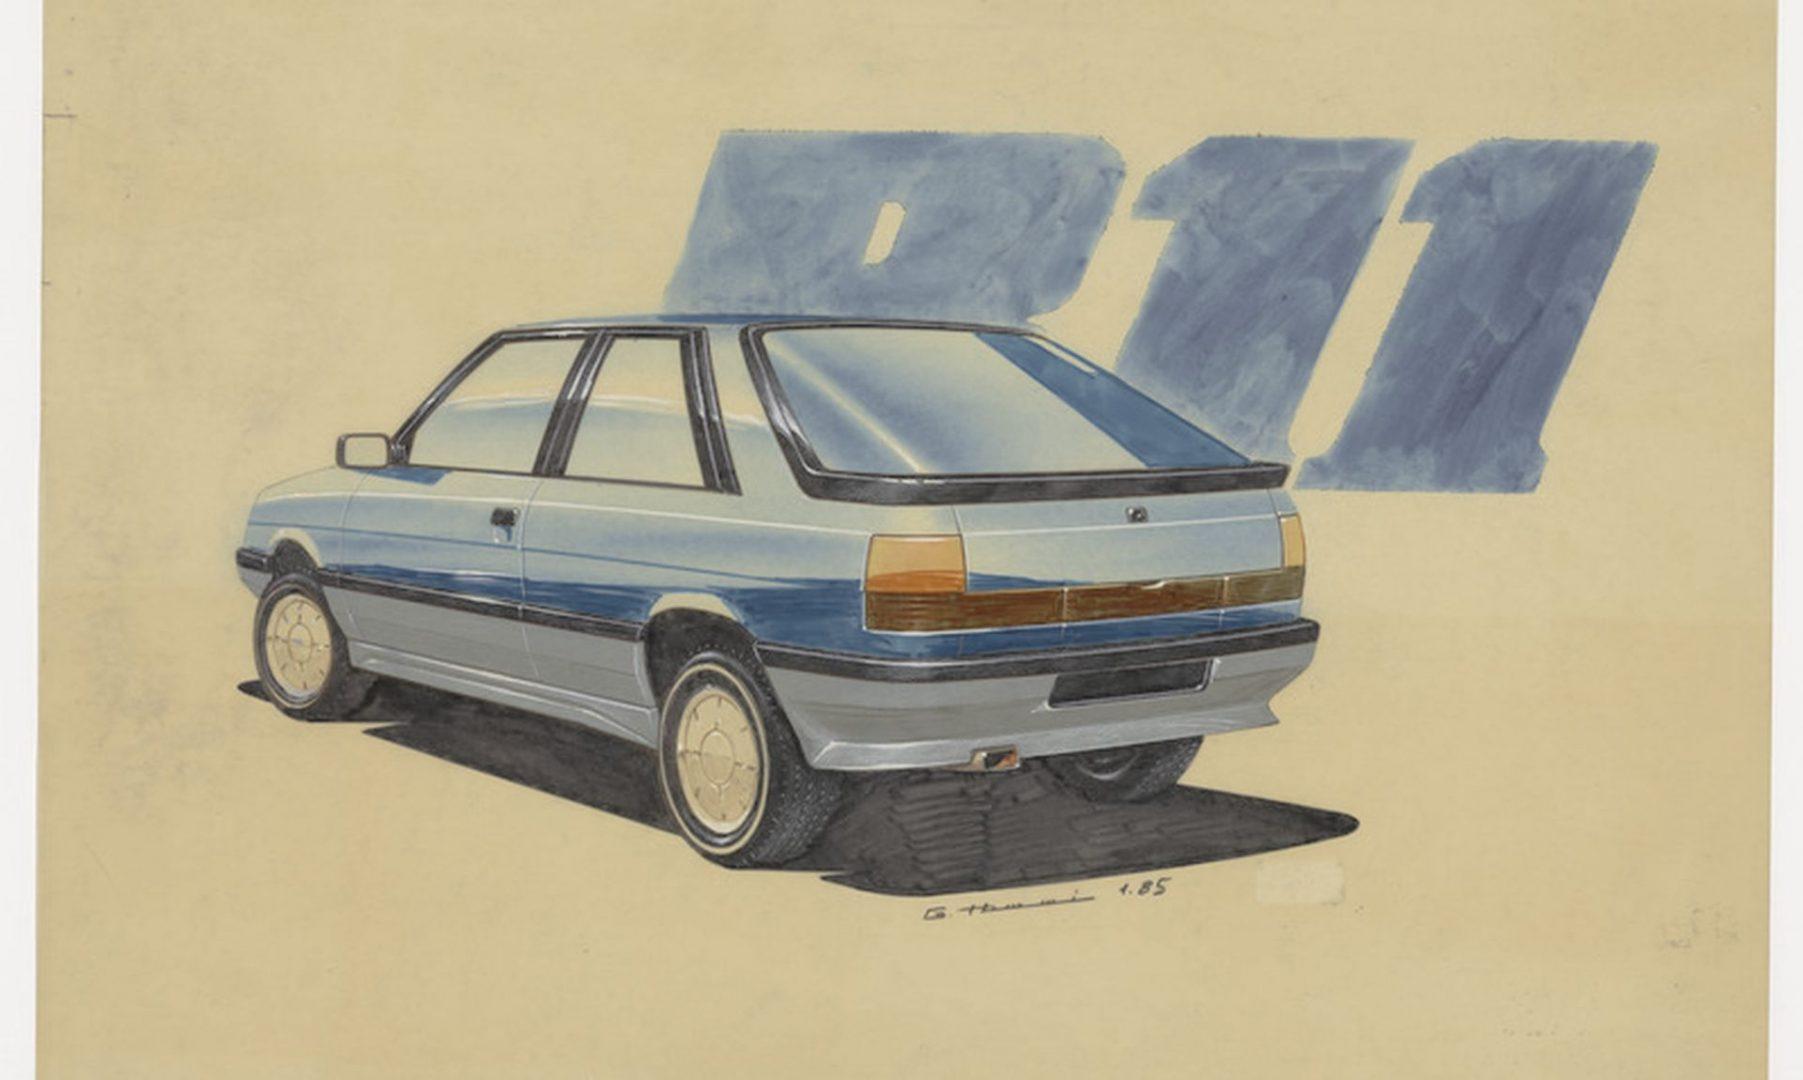 Što je sve Renault pronašao u svojim arhivima studija za dizajn